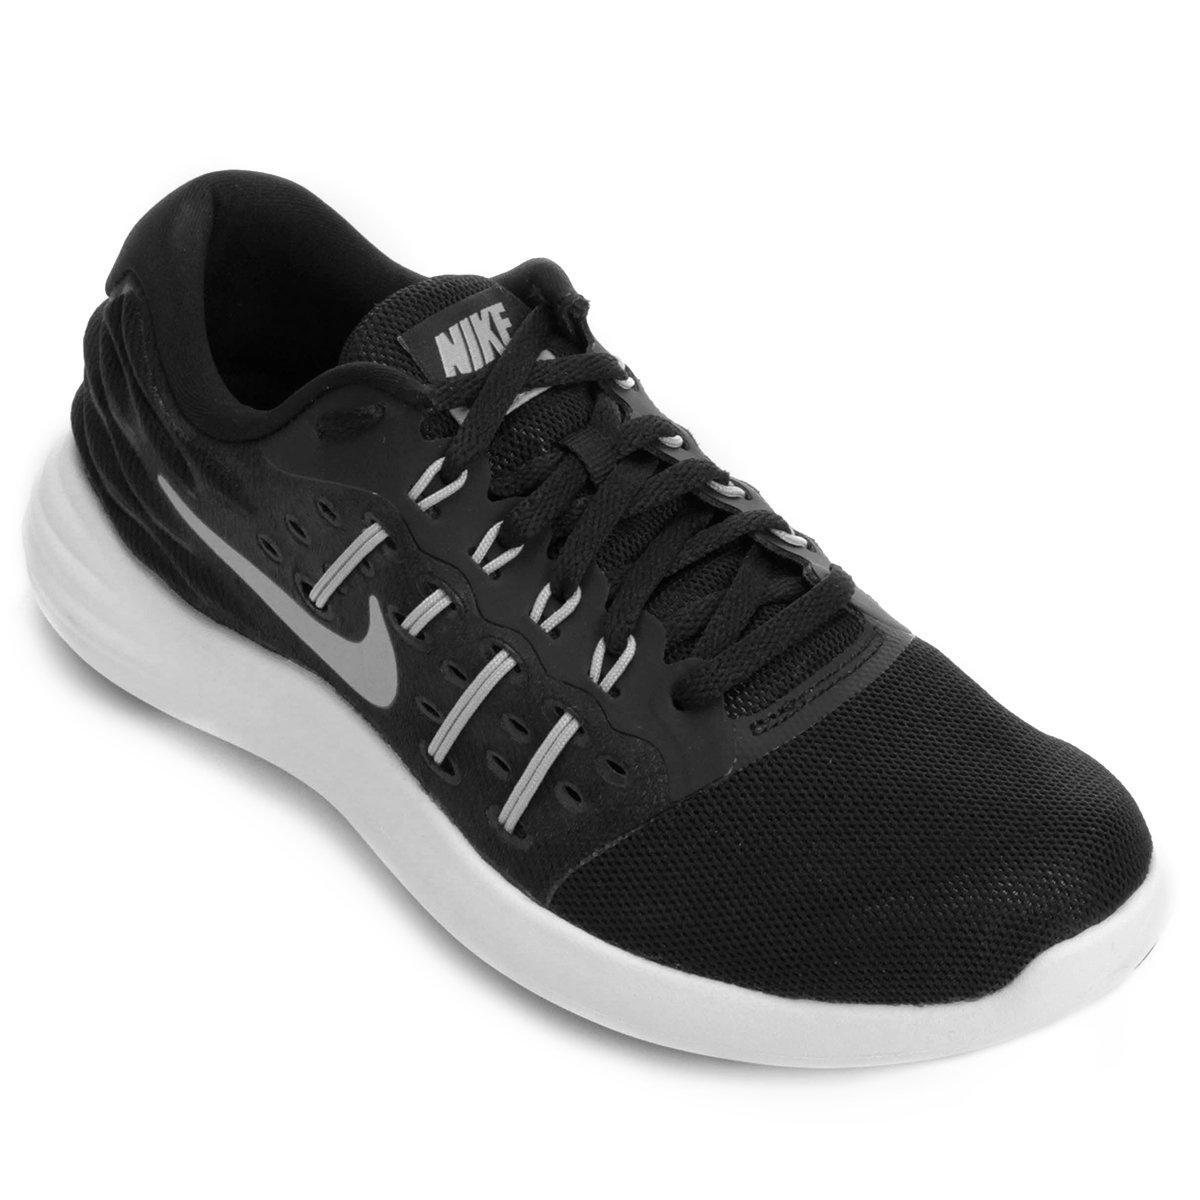 Tênis Nike Lunar Stelos Feminino - Preto e Branco - Compre Agora ... 9b4cc91885a2e